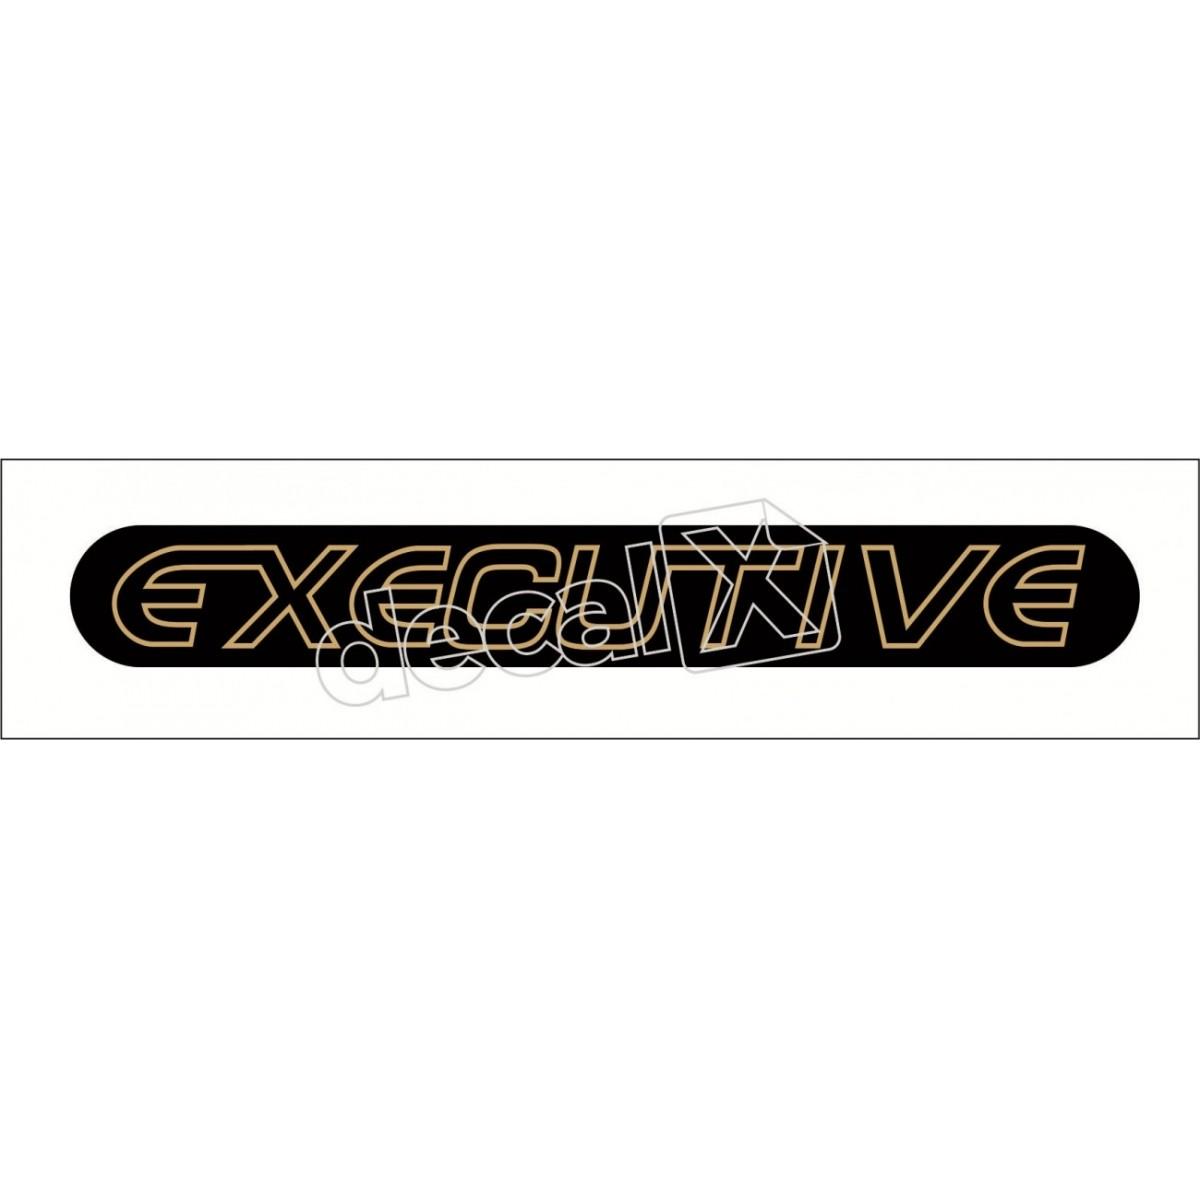 Emblema Adesivo Executive Blazer S10 2001 Resinado Bar010